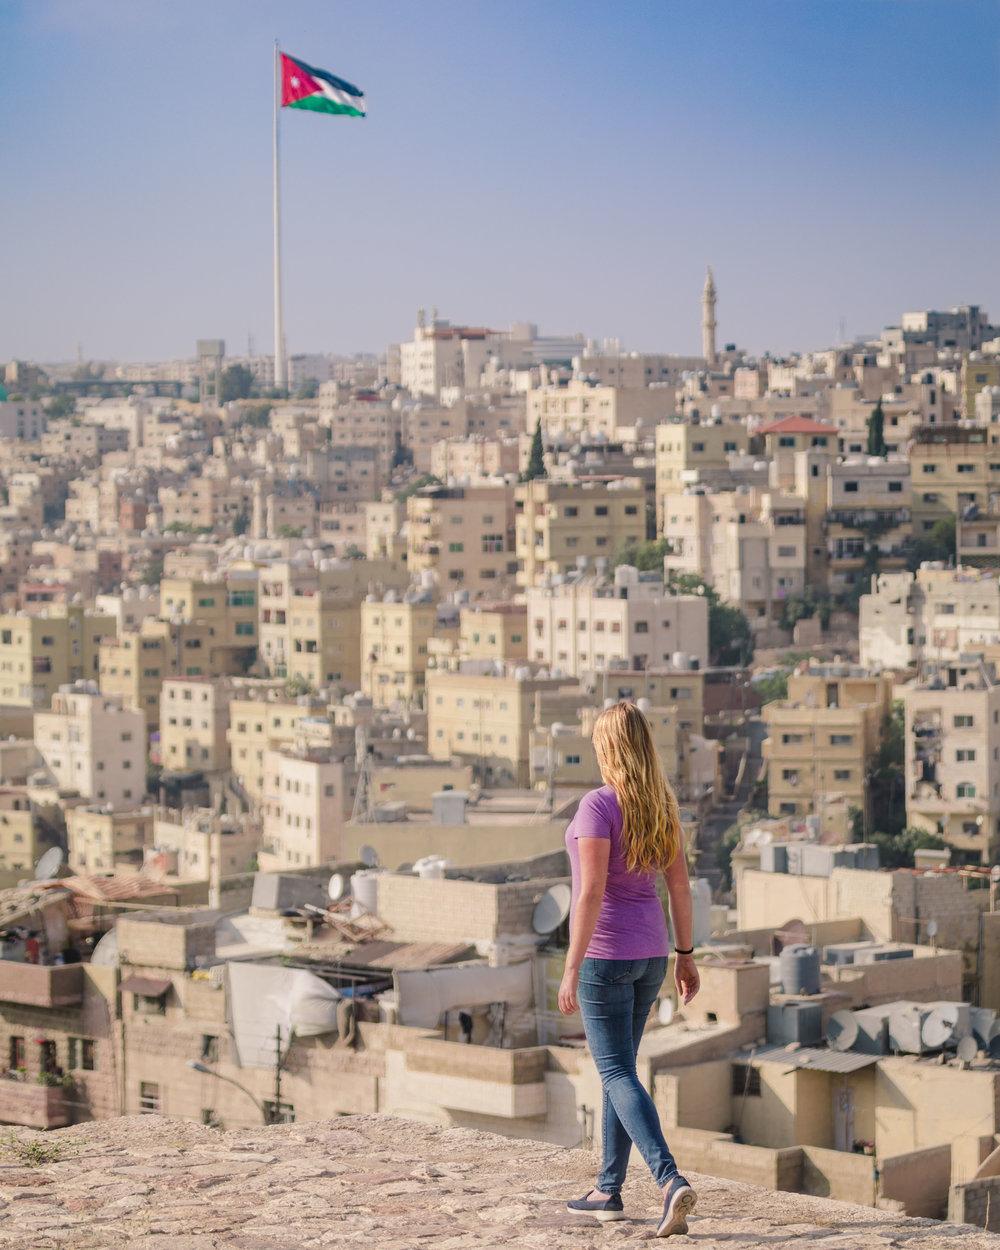 Instagrammable Jordan - City Skyline of Amman